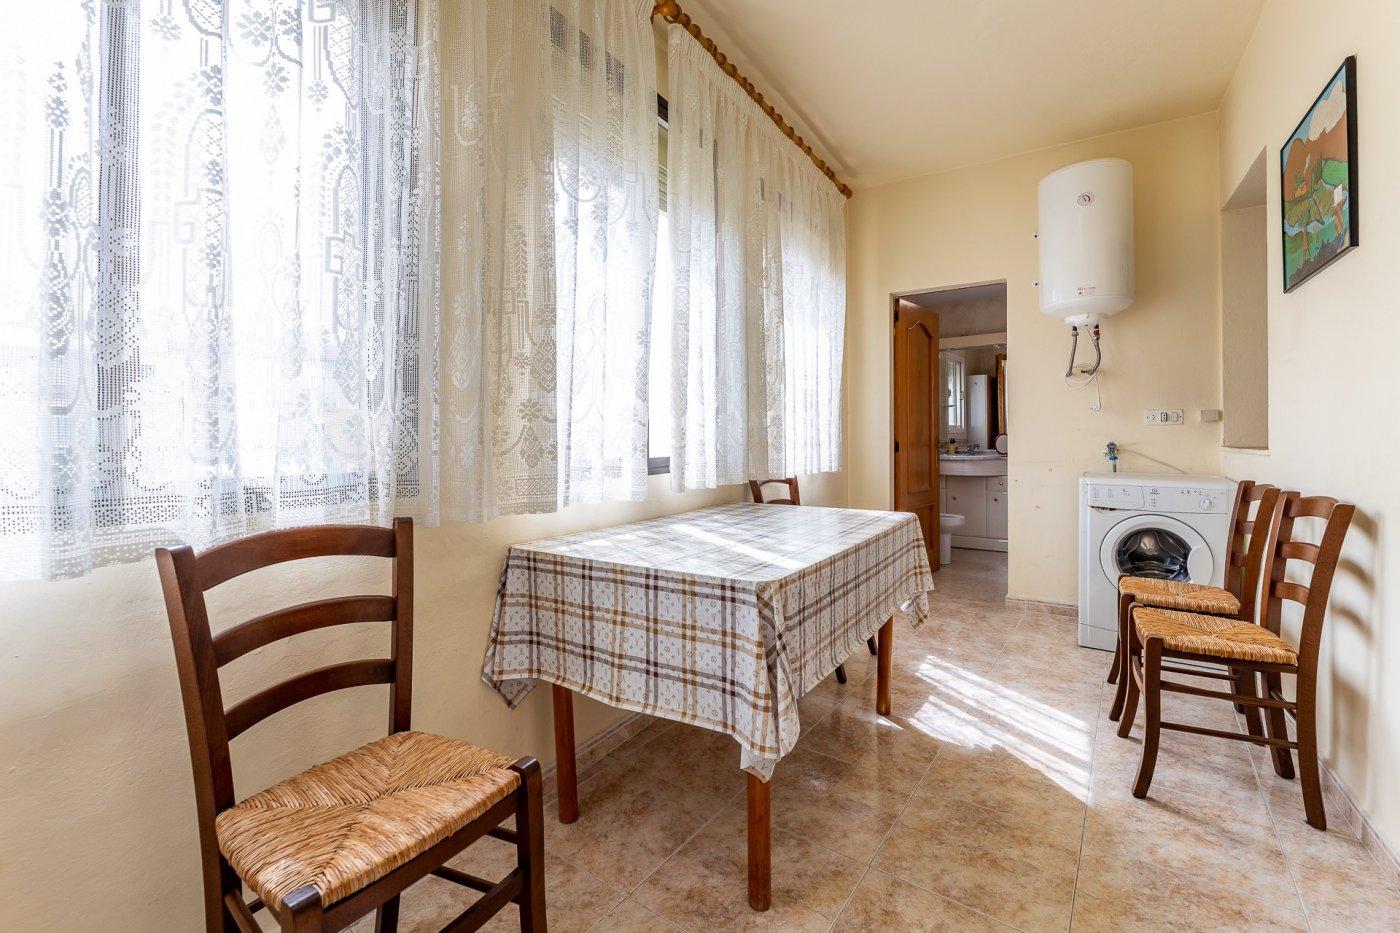 Primer piso de 107 m² de superficie en buen estado en la zona de camp redó, palma de mallo - imagenInmueble11